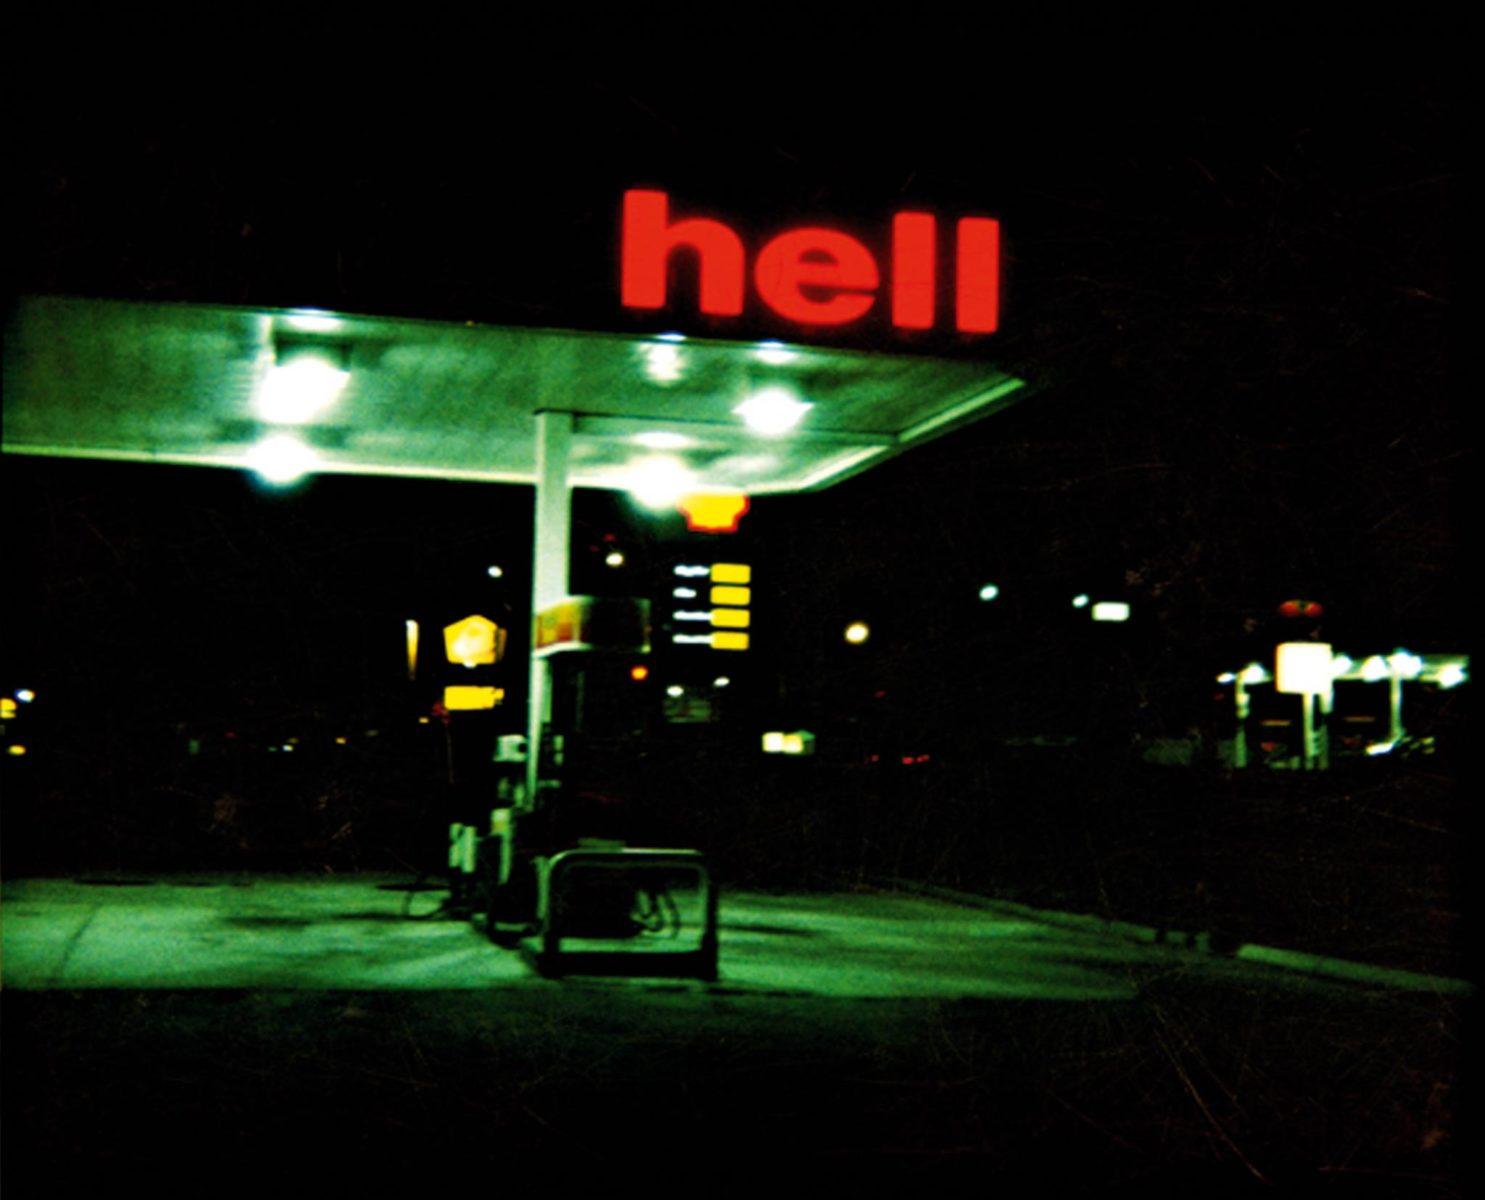 """Nachtaufnahme einer Tankstelle einer bekannten Kette. Die Leuchtreklame ist aber defekt und da steht nur """"hell"""""""